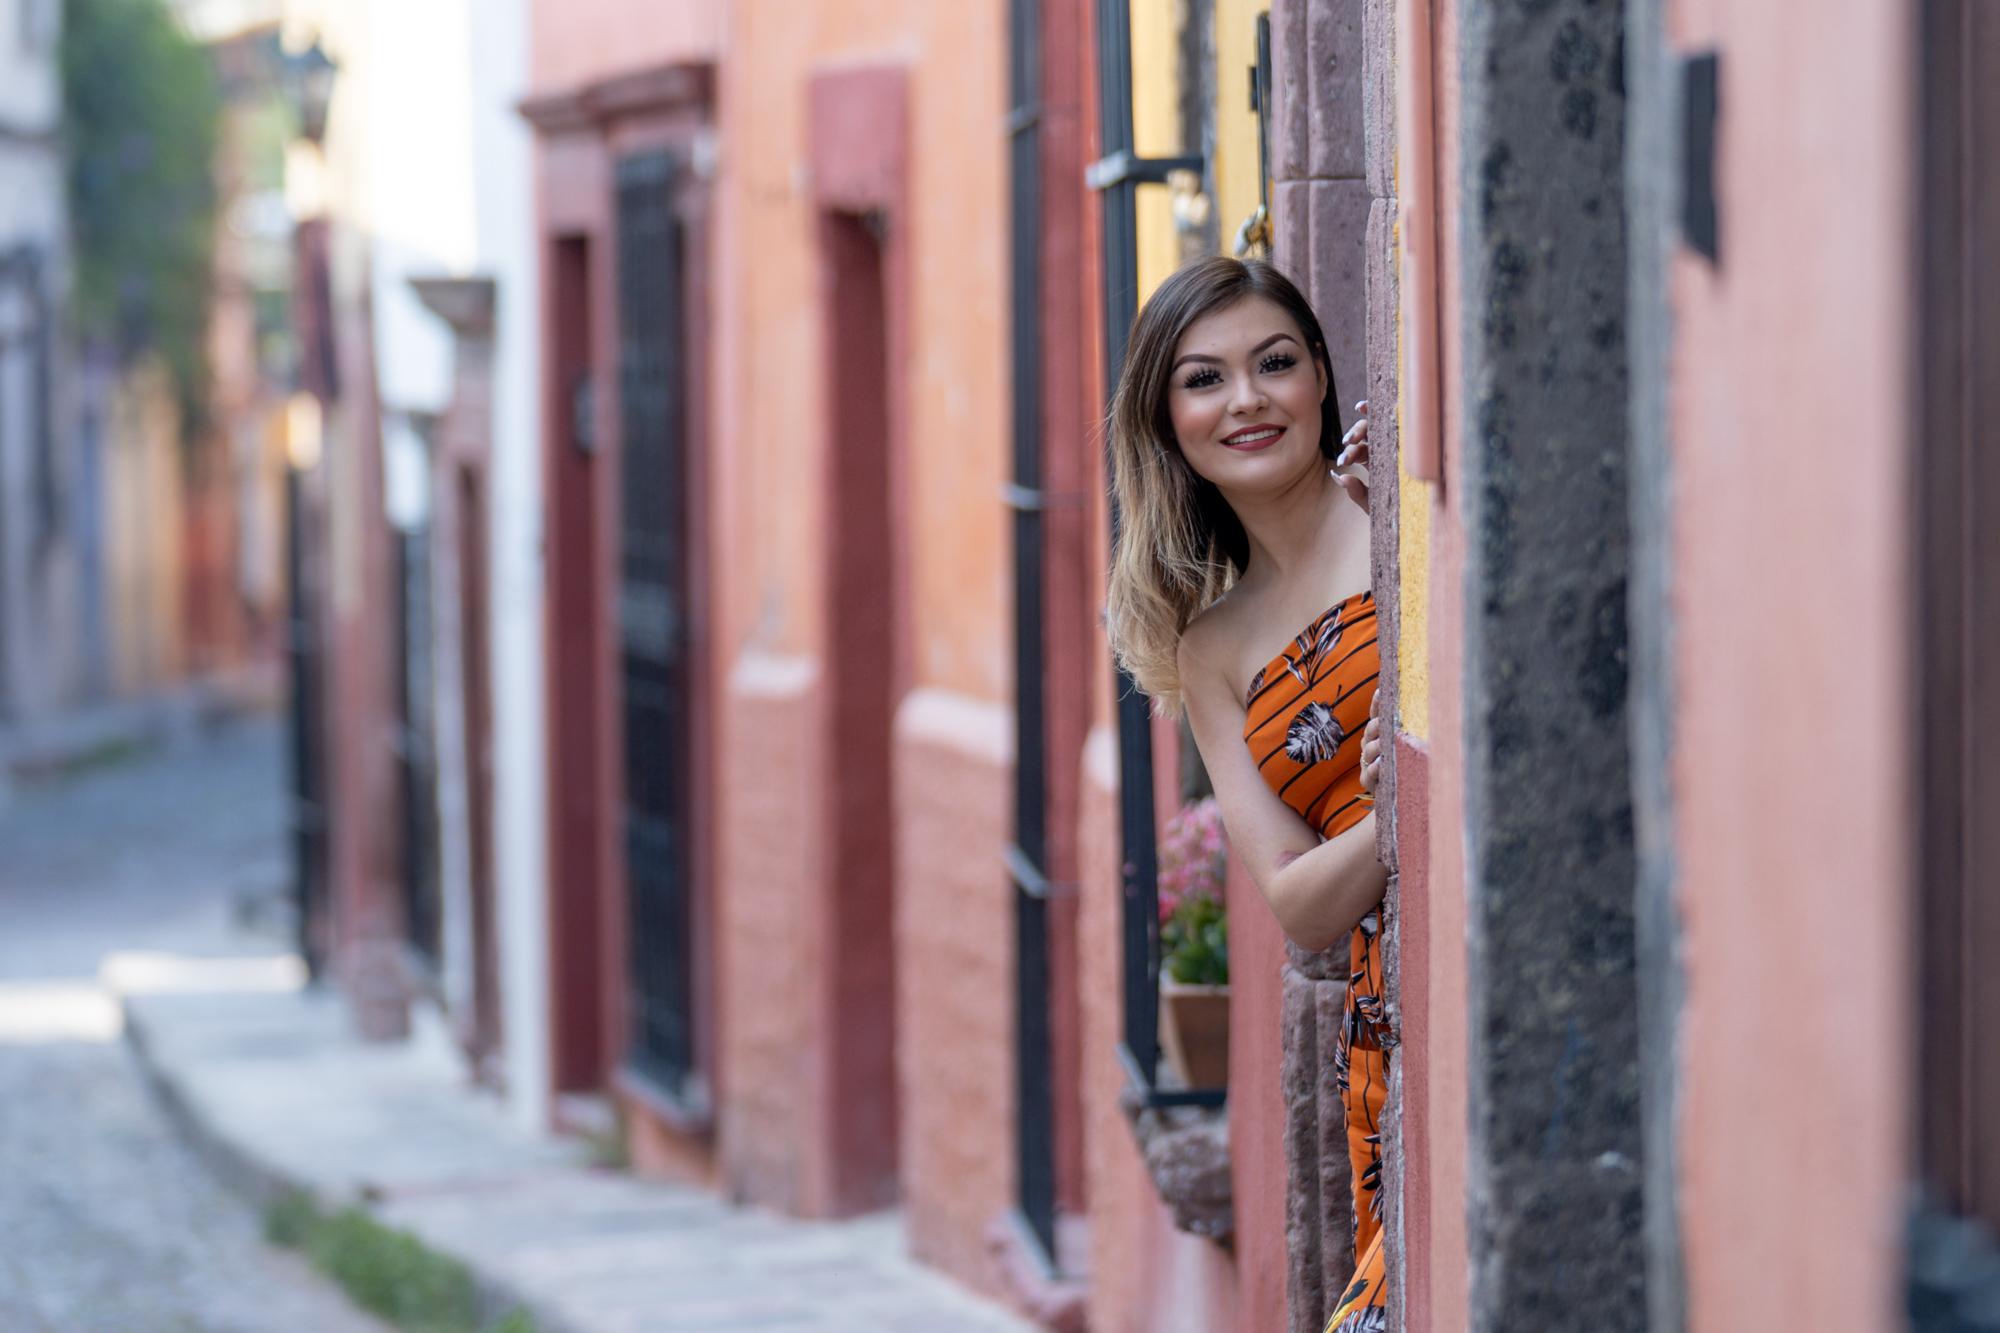 Sesion de Fotos en San Miguel de Allende con Rogelio y su Fmailia-14.jpg